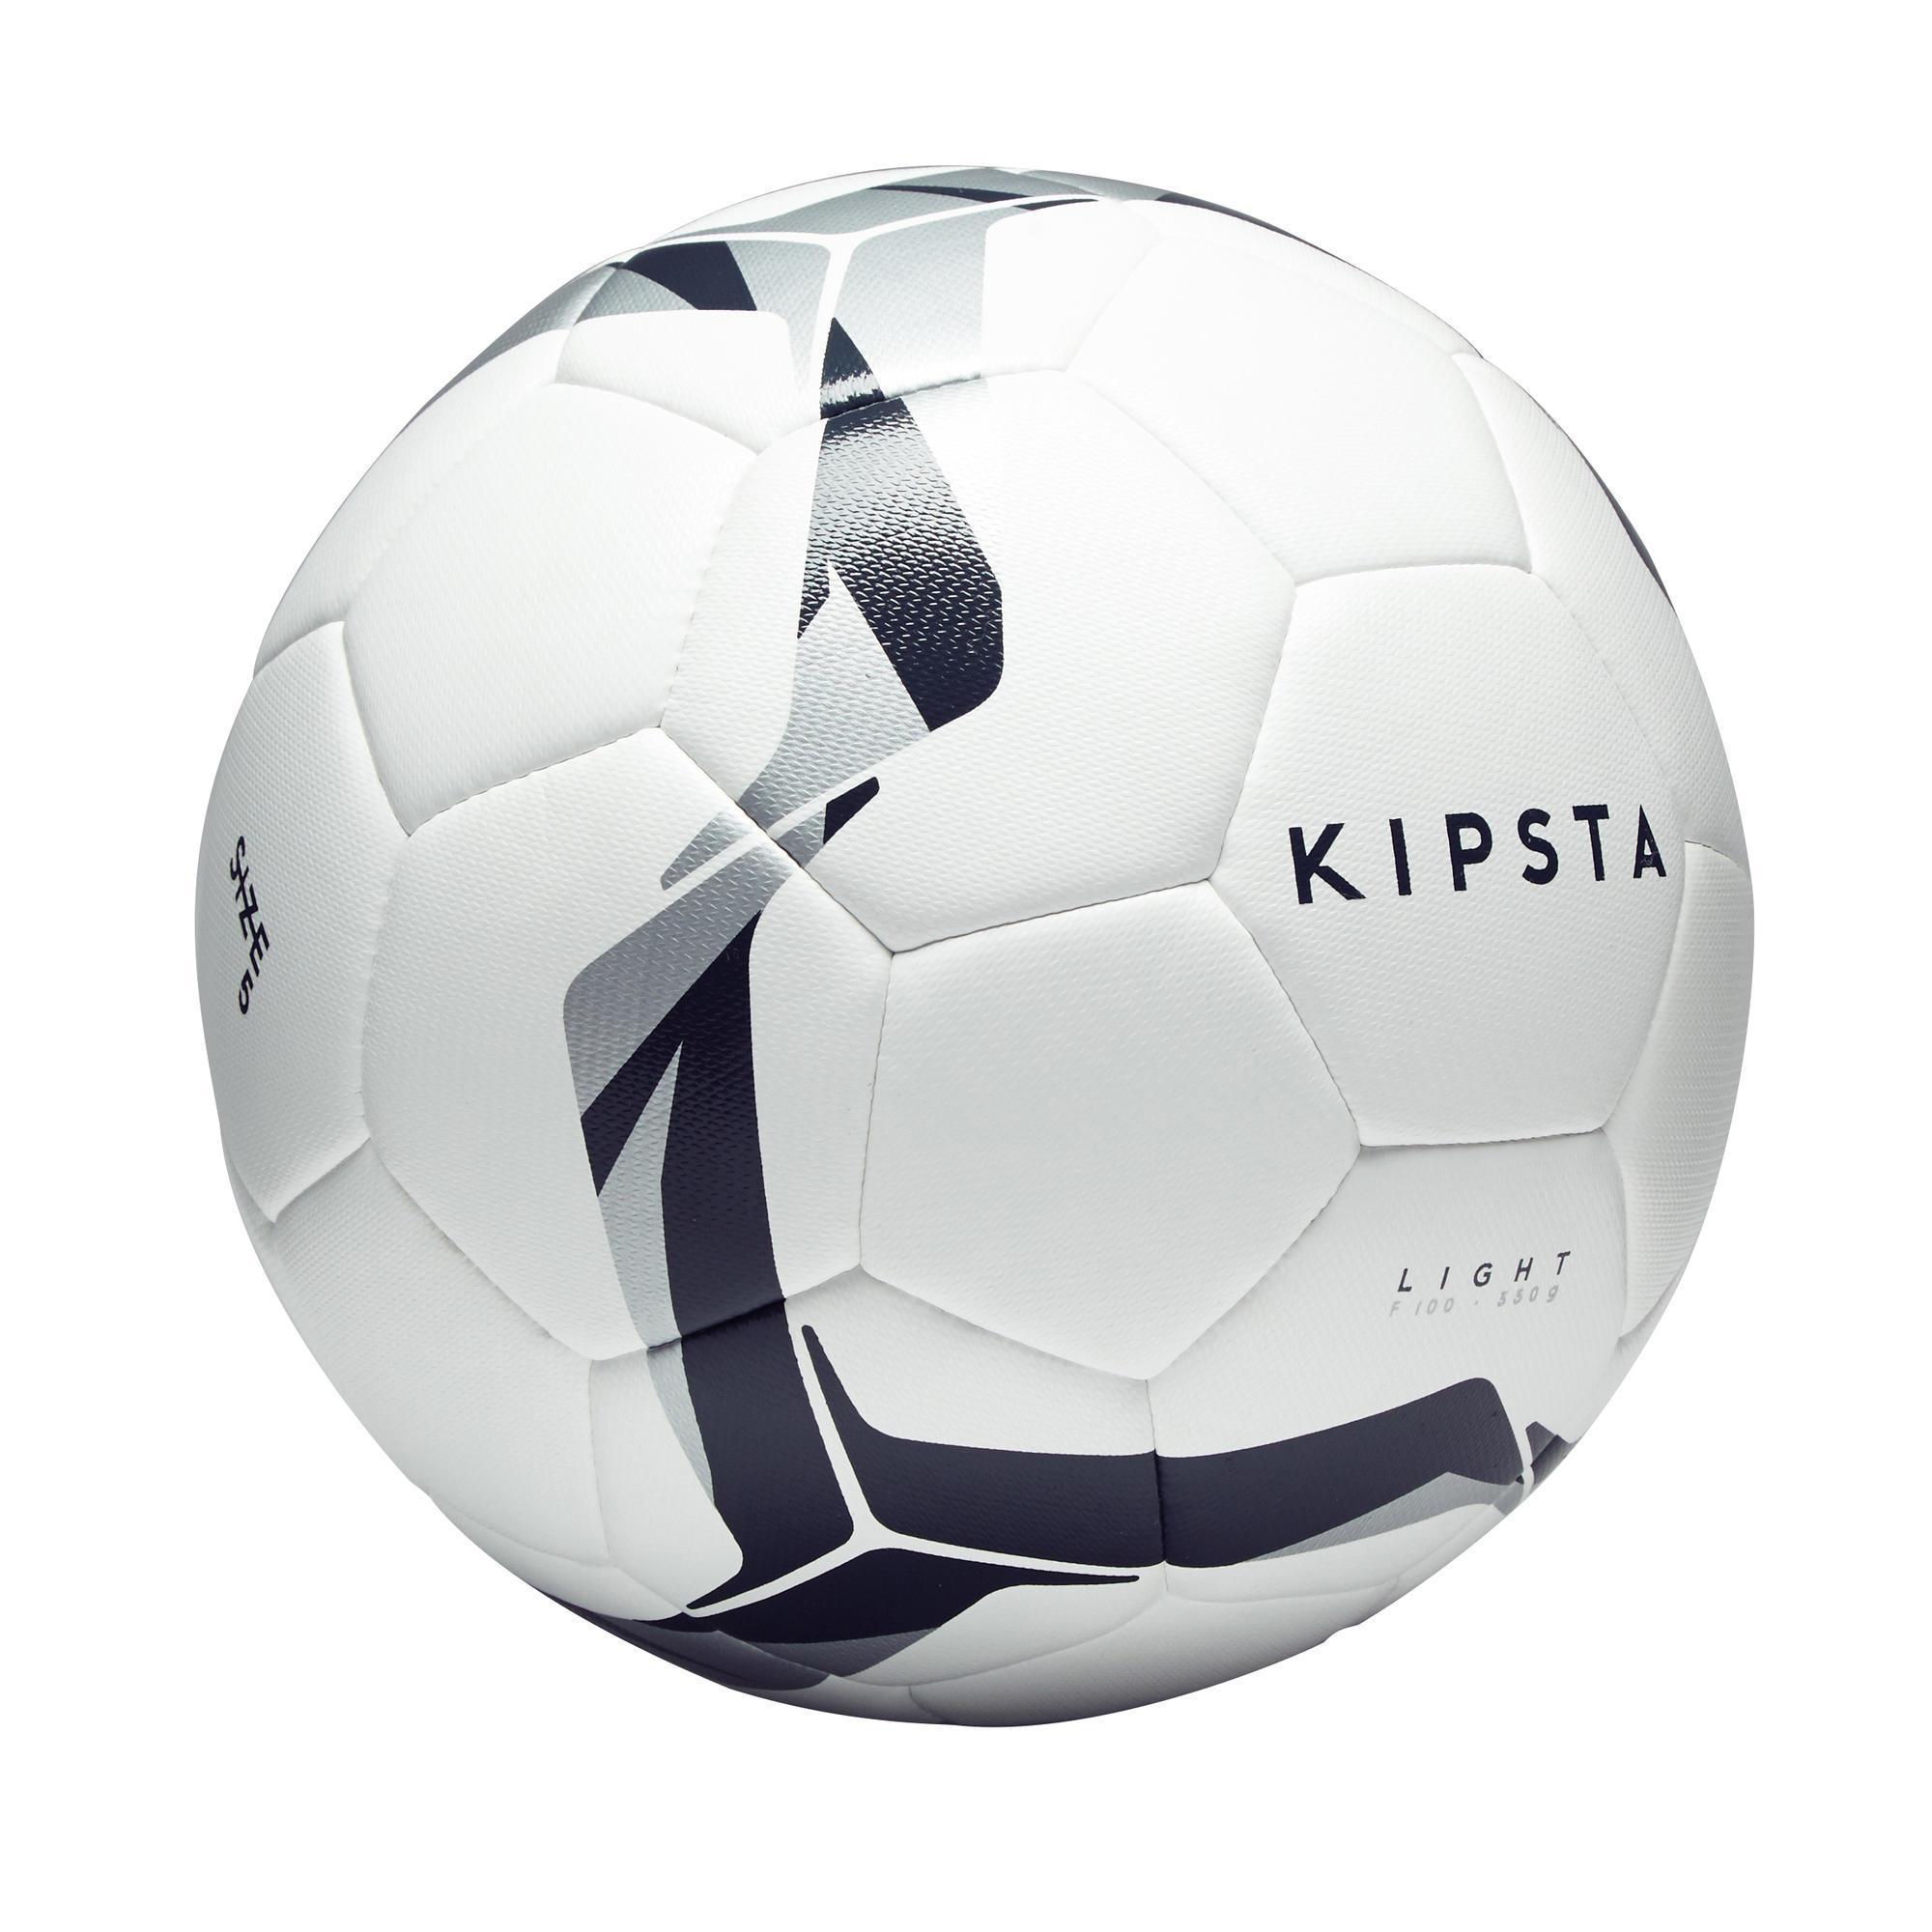 42f9a9f4825a8 Balón de fútbol híbrido light talla graphic amarillo azul kipsta decathlon  jpg 2000x2000 Kipsta balon rosa